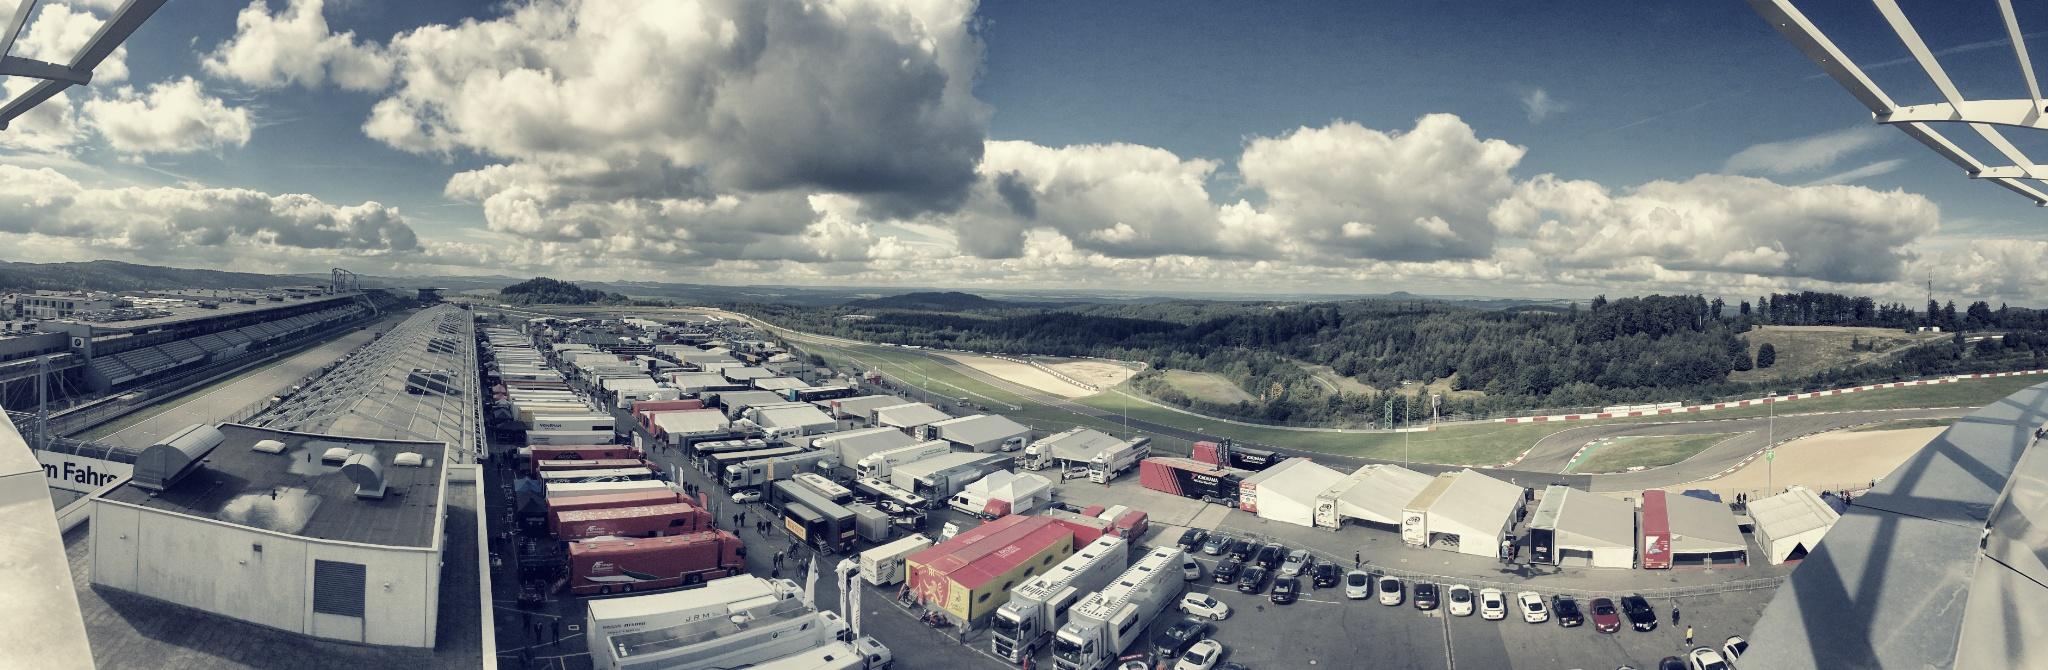 Nürburgring Panorama 1_Snapseed L